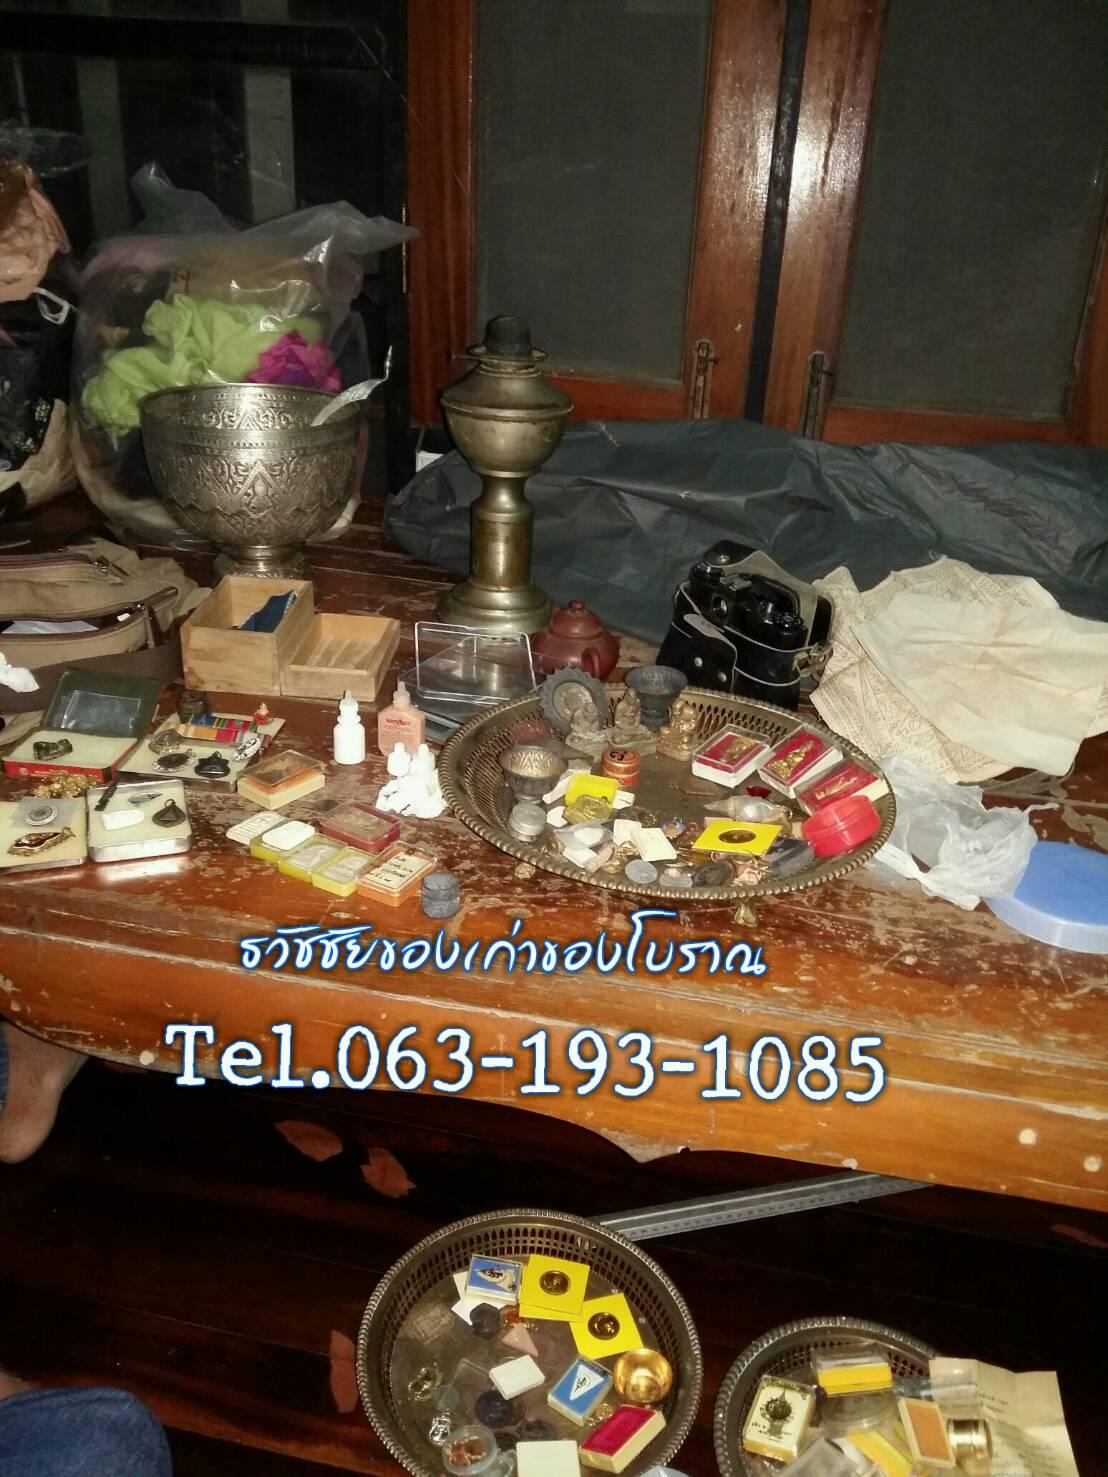 รับเช่าพระบูชา รับเช่าพระพุทธรูป รับเช่าพระเหรียญ รับเช่าพระกล่อง รับเช่าพระเครื่อง รับเช่าพระปทุมธานี รับเช่าพระนนทบุรี รับเช่าพระกรุงเทพฯ รับเช่าพระฉะเชิงเทรา รับเช่าพระชลบุรี รับเช่าพระระยอง